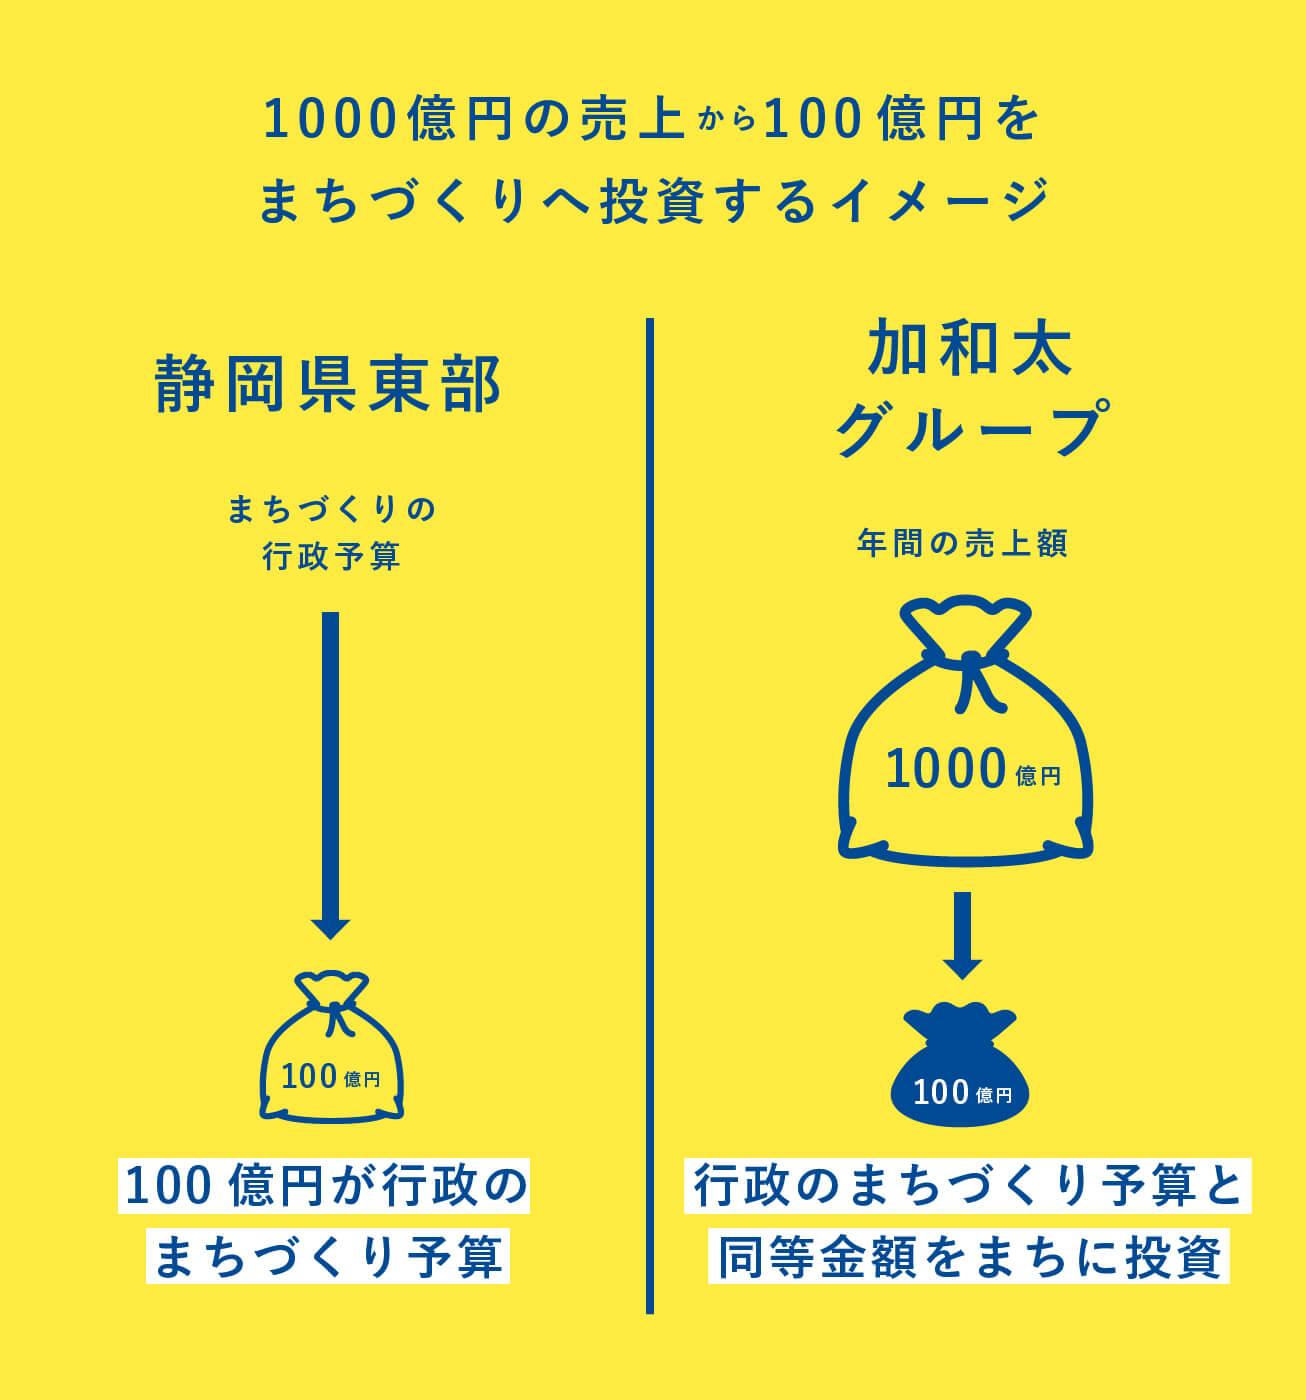 1000億円の売上から100億円をまちづくりへ投資するイメージ